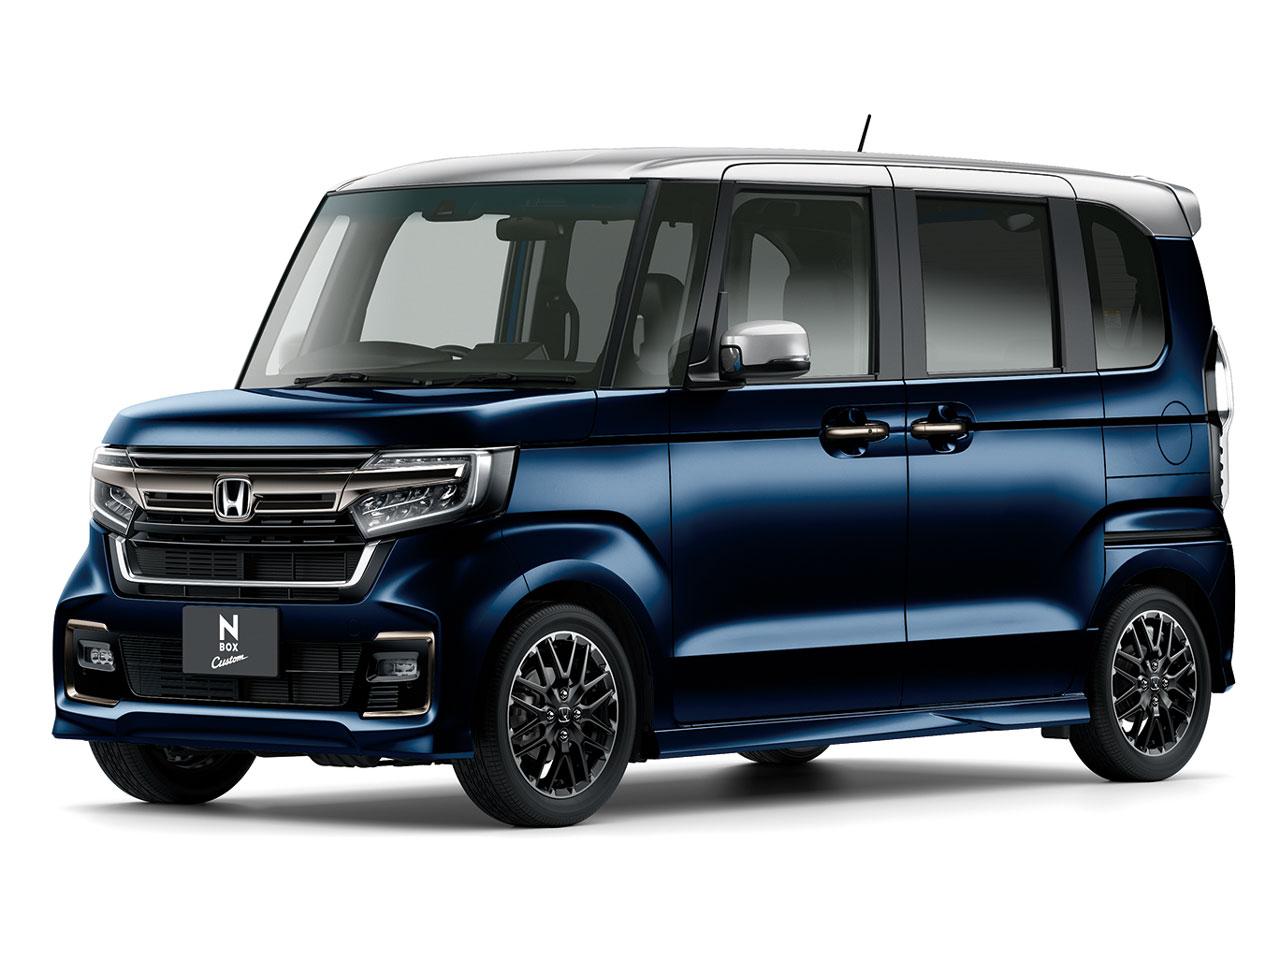 ホンダ N-BOX カスタム 2017年モデル 新車画像